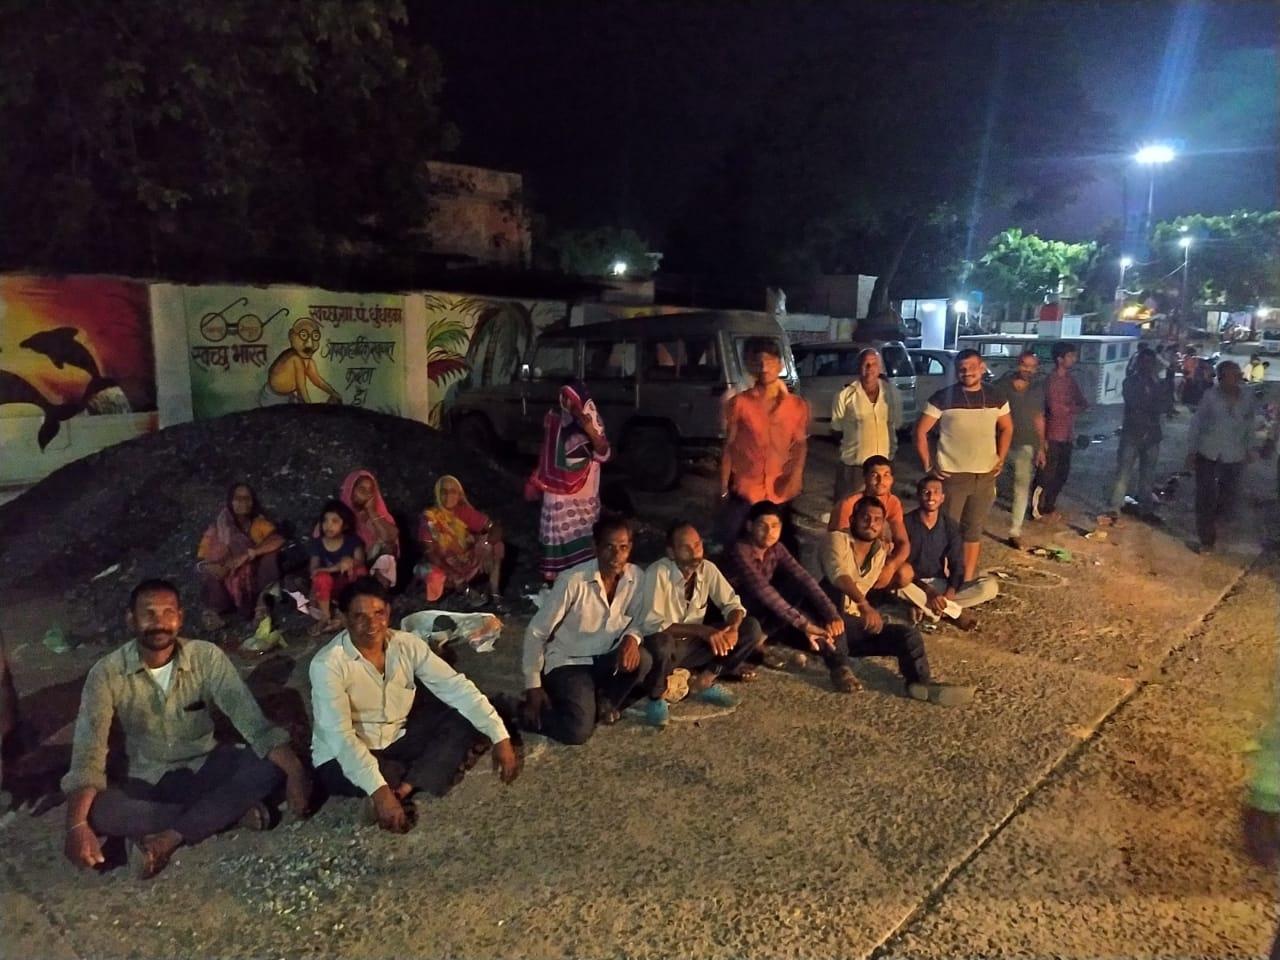 मंदसौर जिले के एक गांव में गुरुवार सुबह वैक्सीनेशन के लिए रात को ही इकट्ठा हो गई भीड़; टोकन लेकर करा ली बुकिंग|मंदसौर,Mandsaur - Dainik Bhaskar